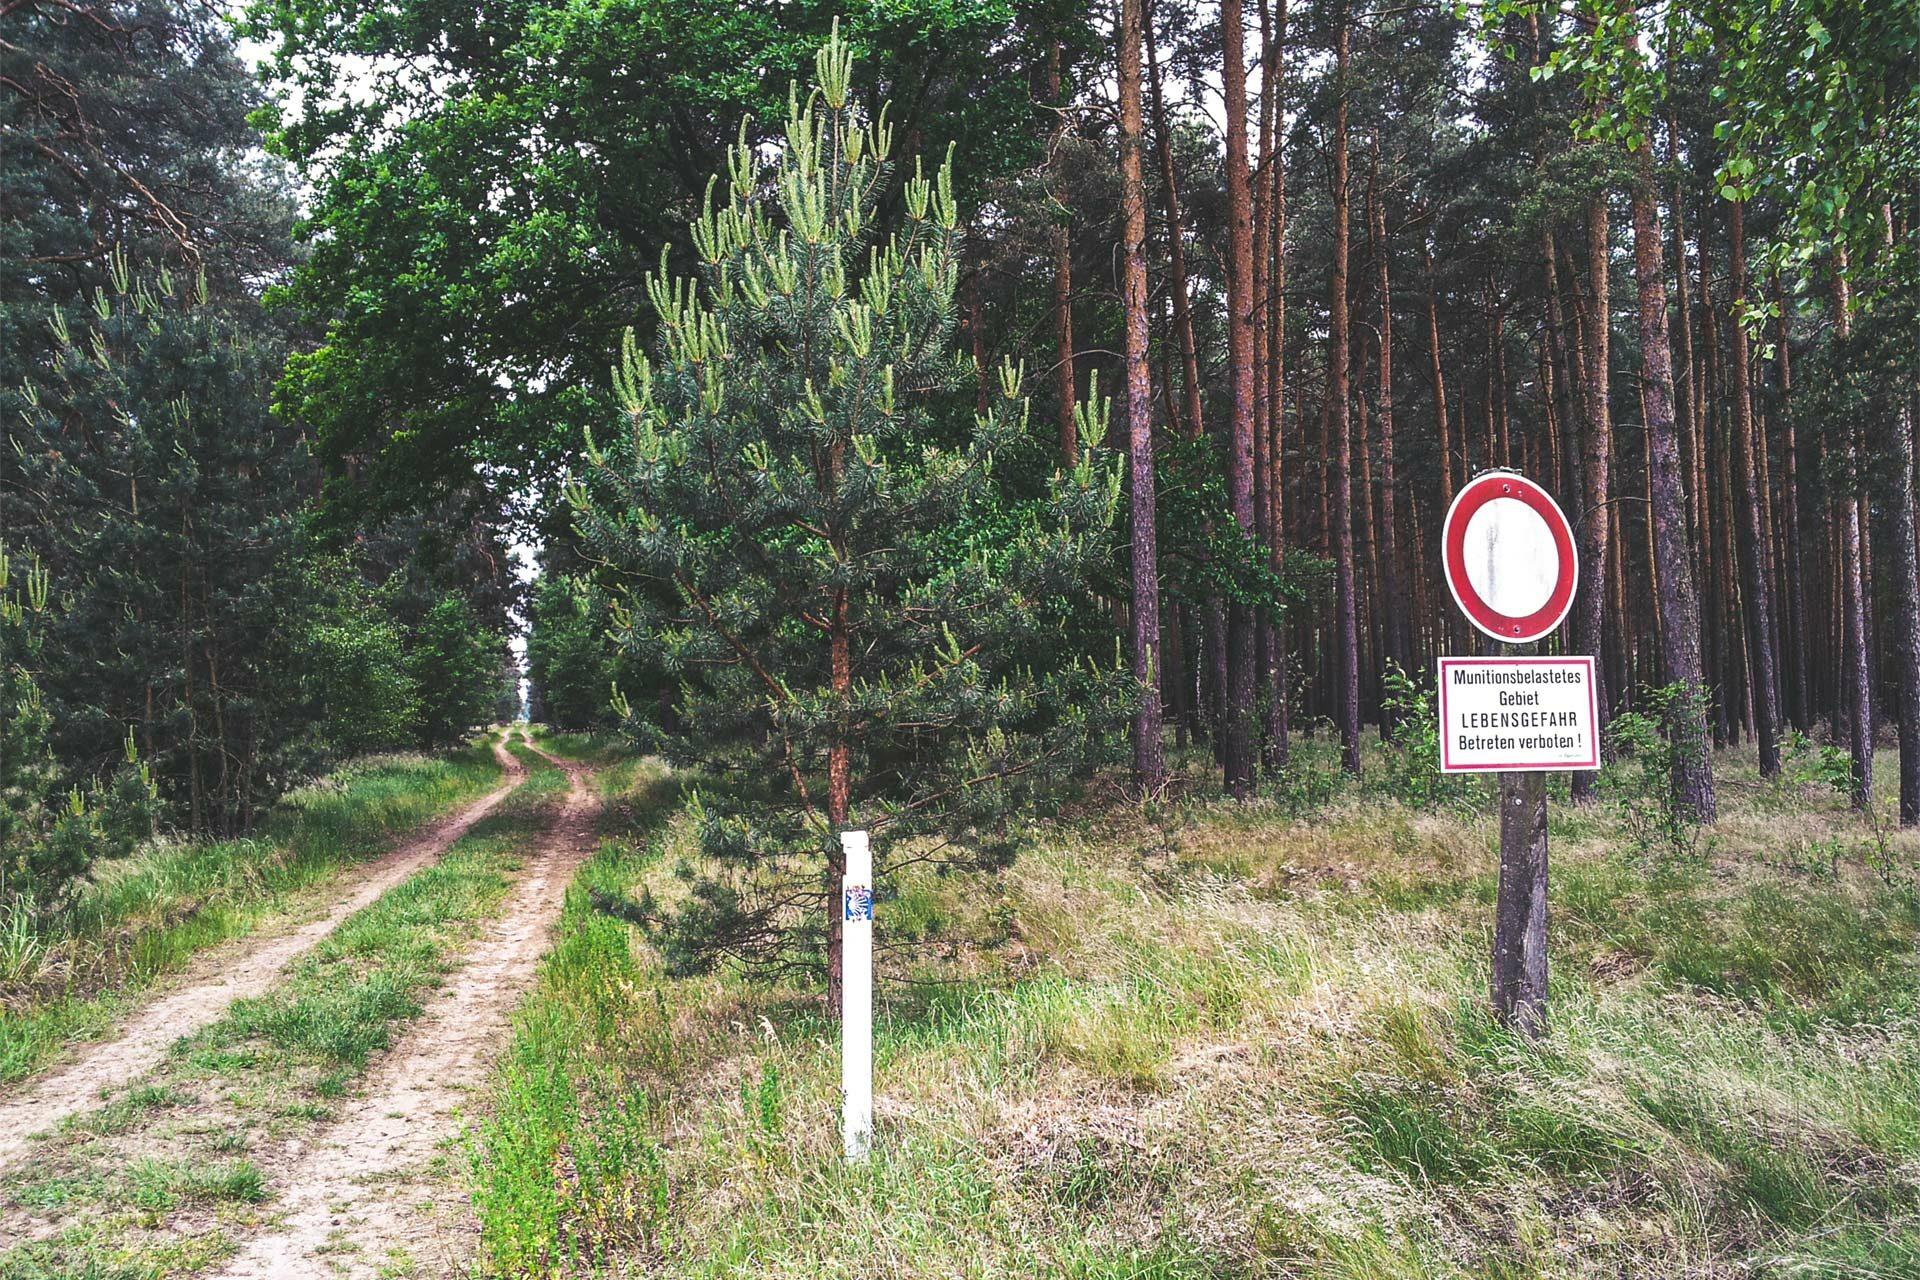 Jakobsweg im 21. Jahrhundert: Warnung vor Munitionsresten und Minengefahr. Aber nur abseits der Wege. Wer auf dem Pfade bleibt, dem droht keine Gefahr.